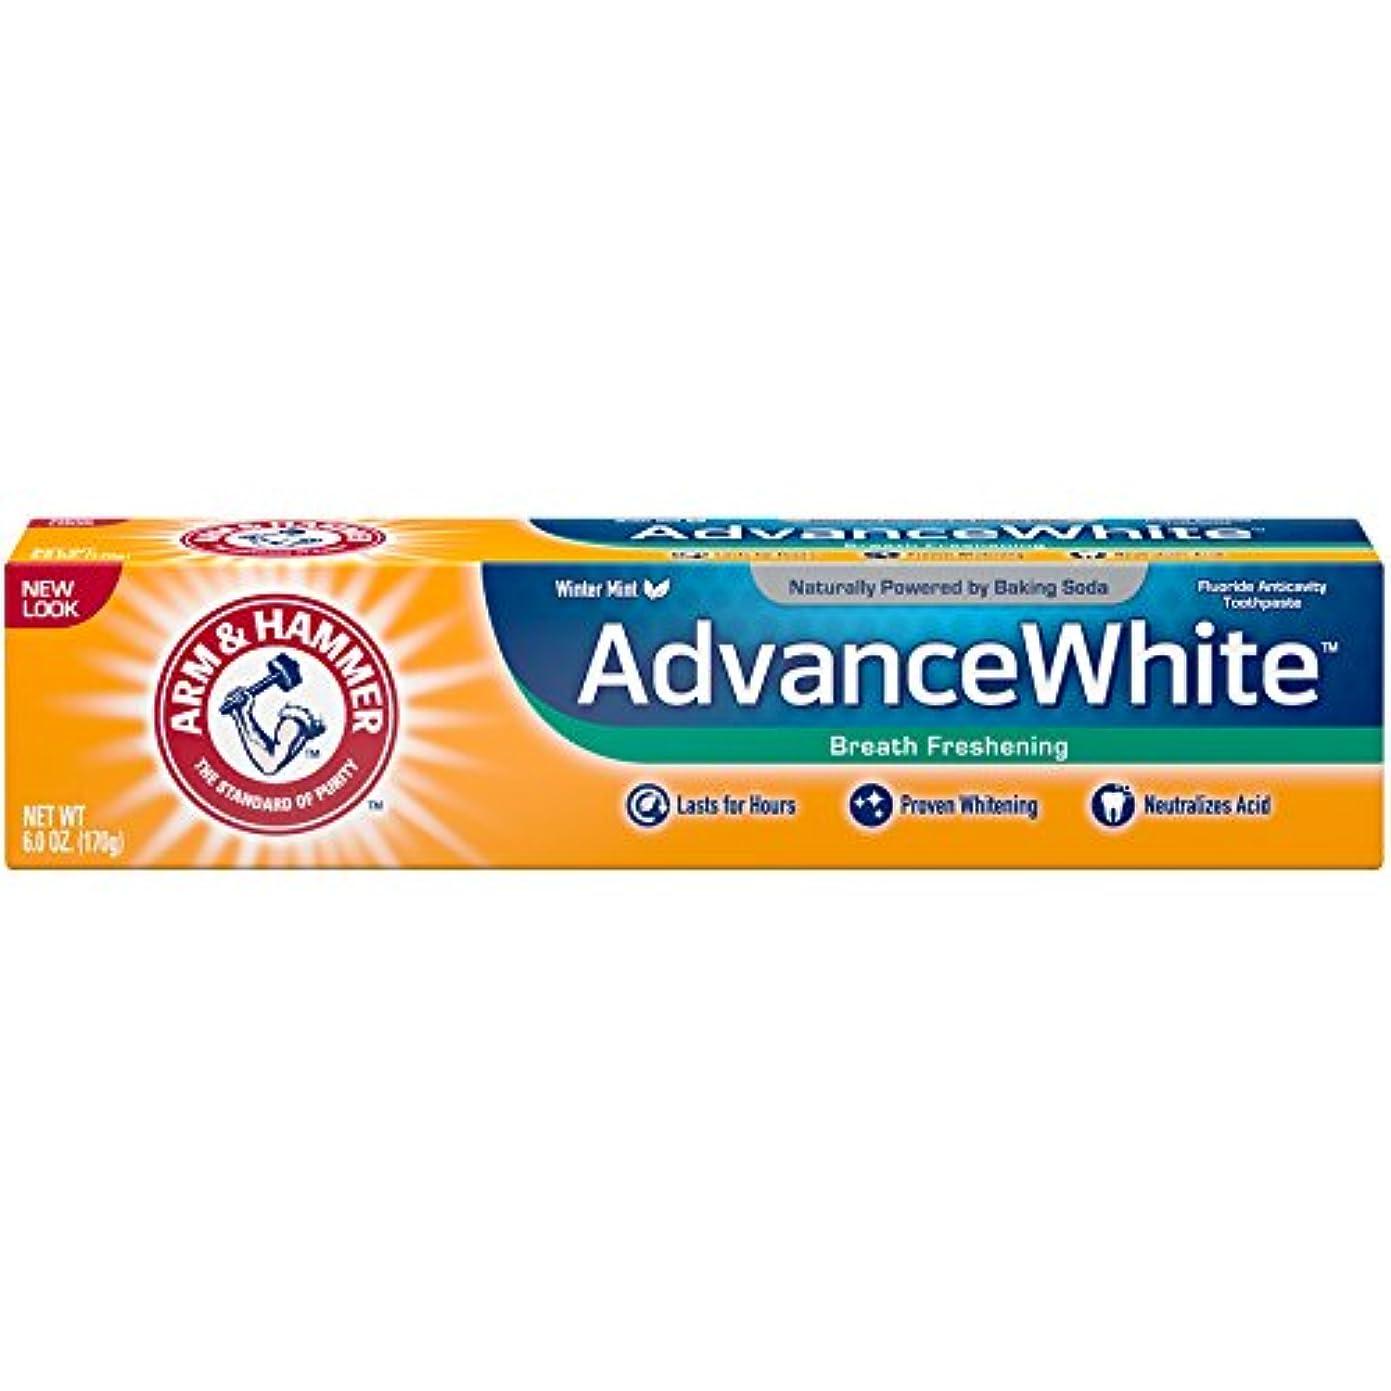 マネージャータフ修理可能アーム&ハマー アドバンス ホワイト 歯磨き粉 ブレス フレッシュニング 170g Advance White Breath Freshing Baking Soda & Frosted Mint